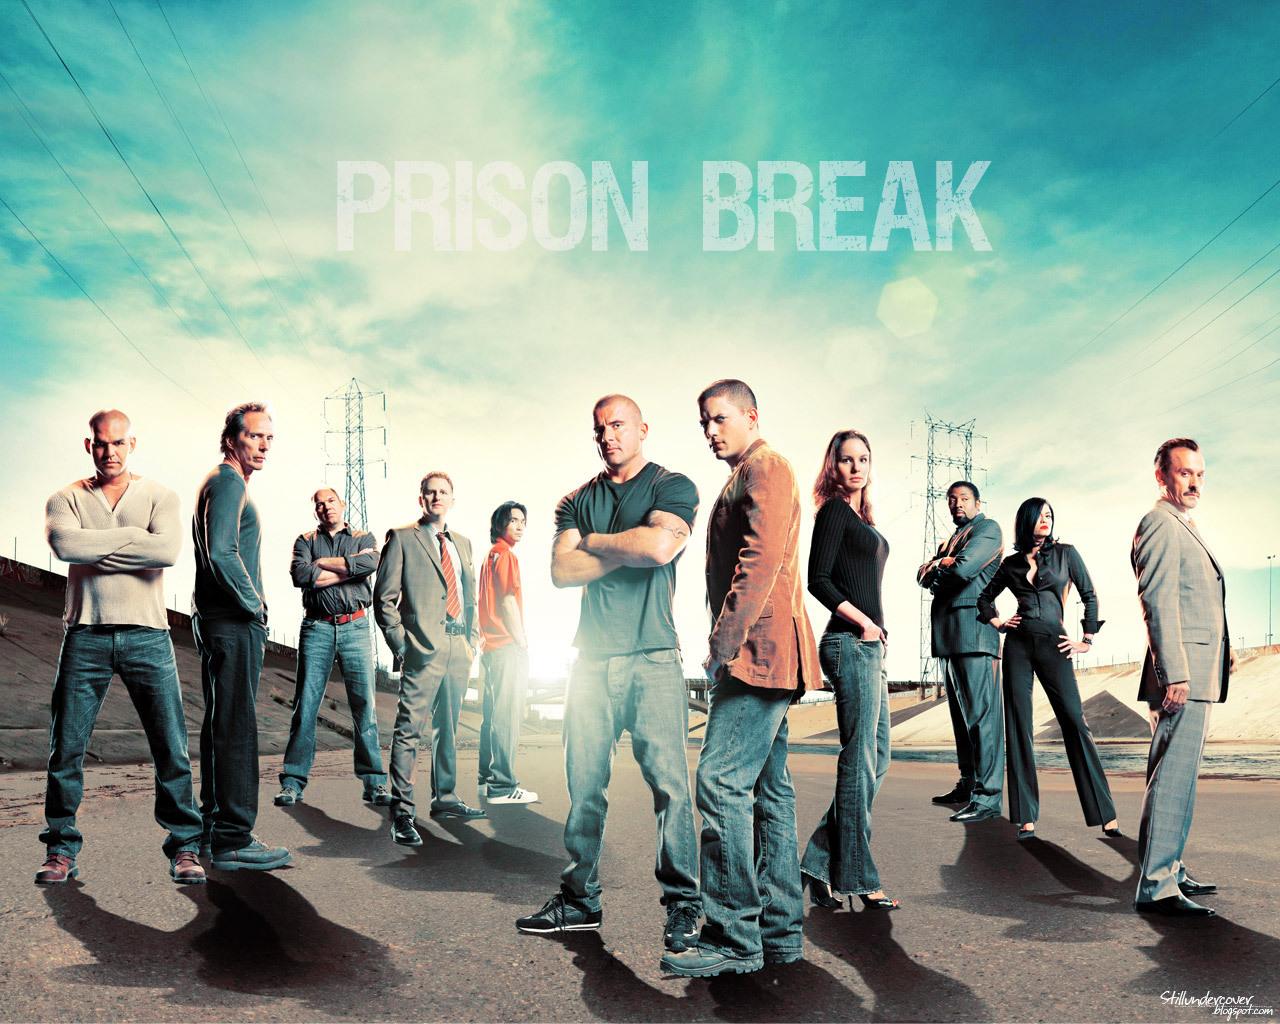 Kết quả hình ảnh cho poster phim prison break